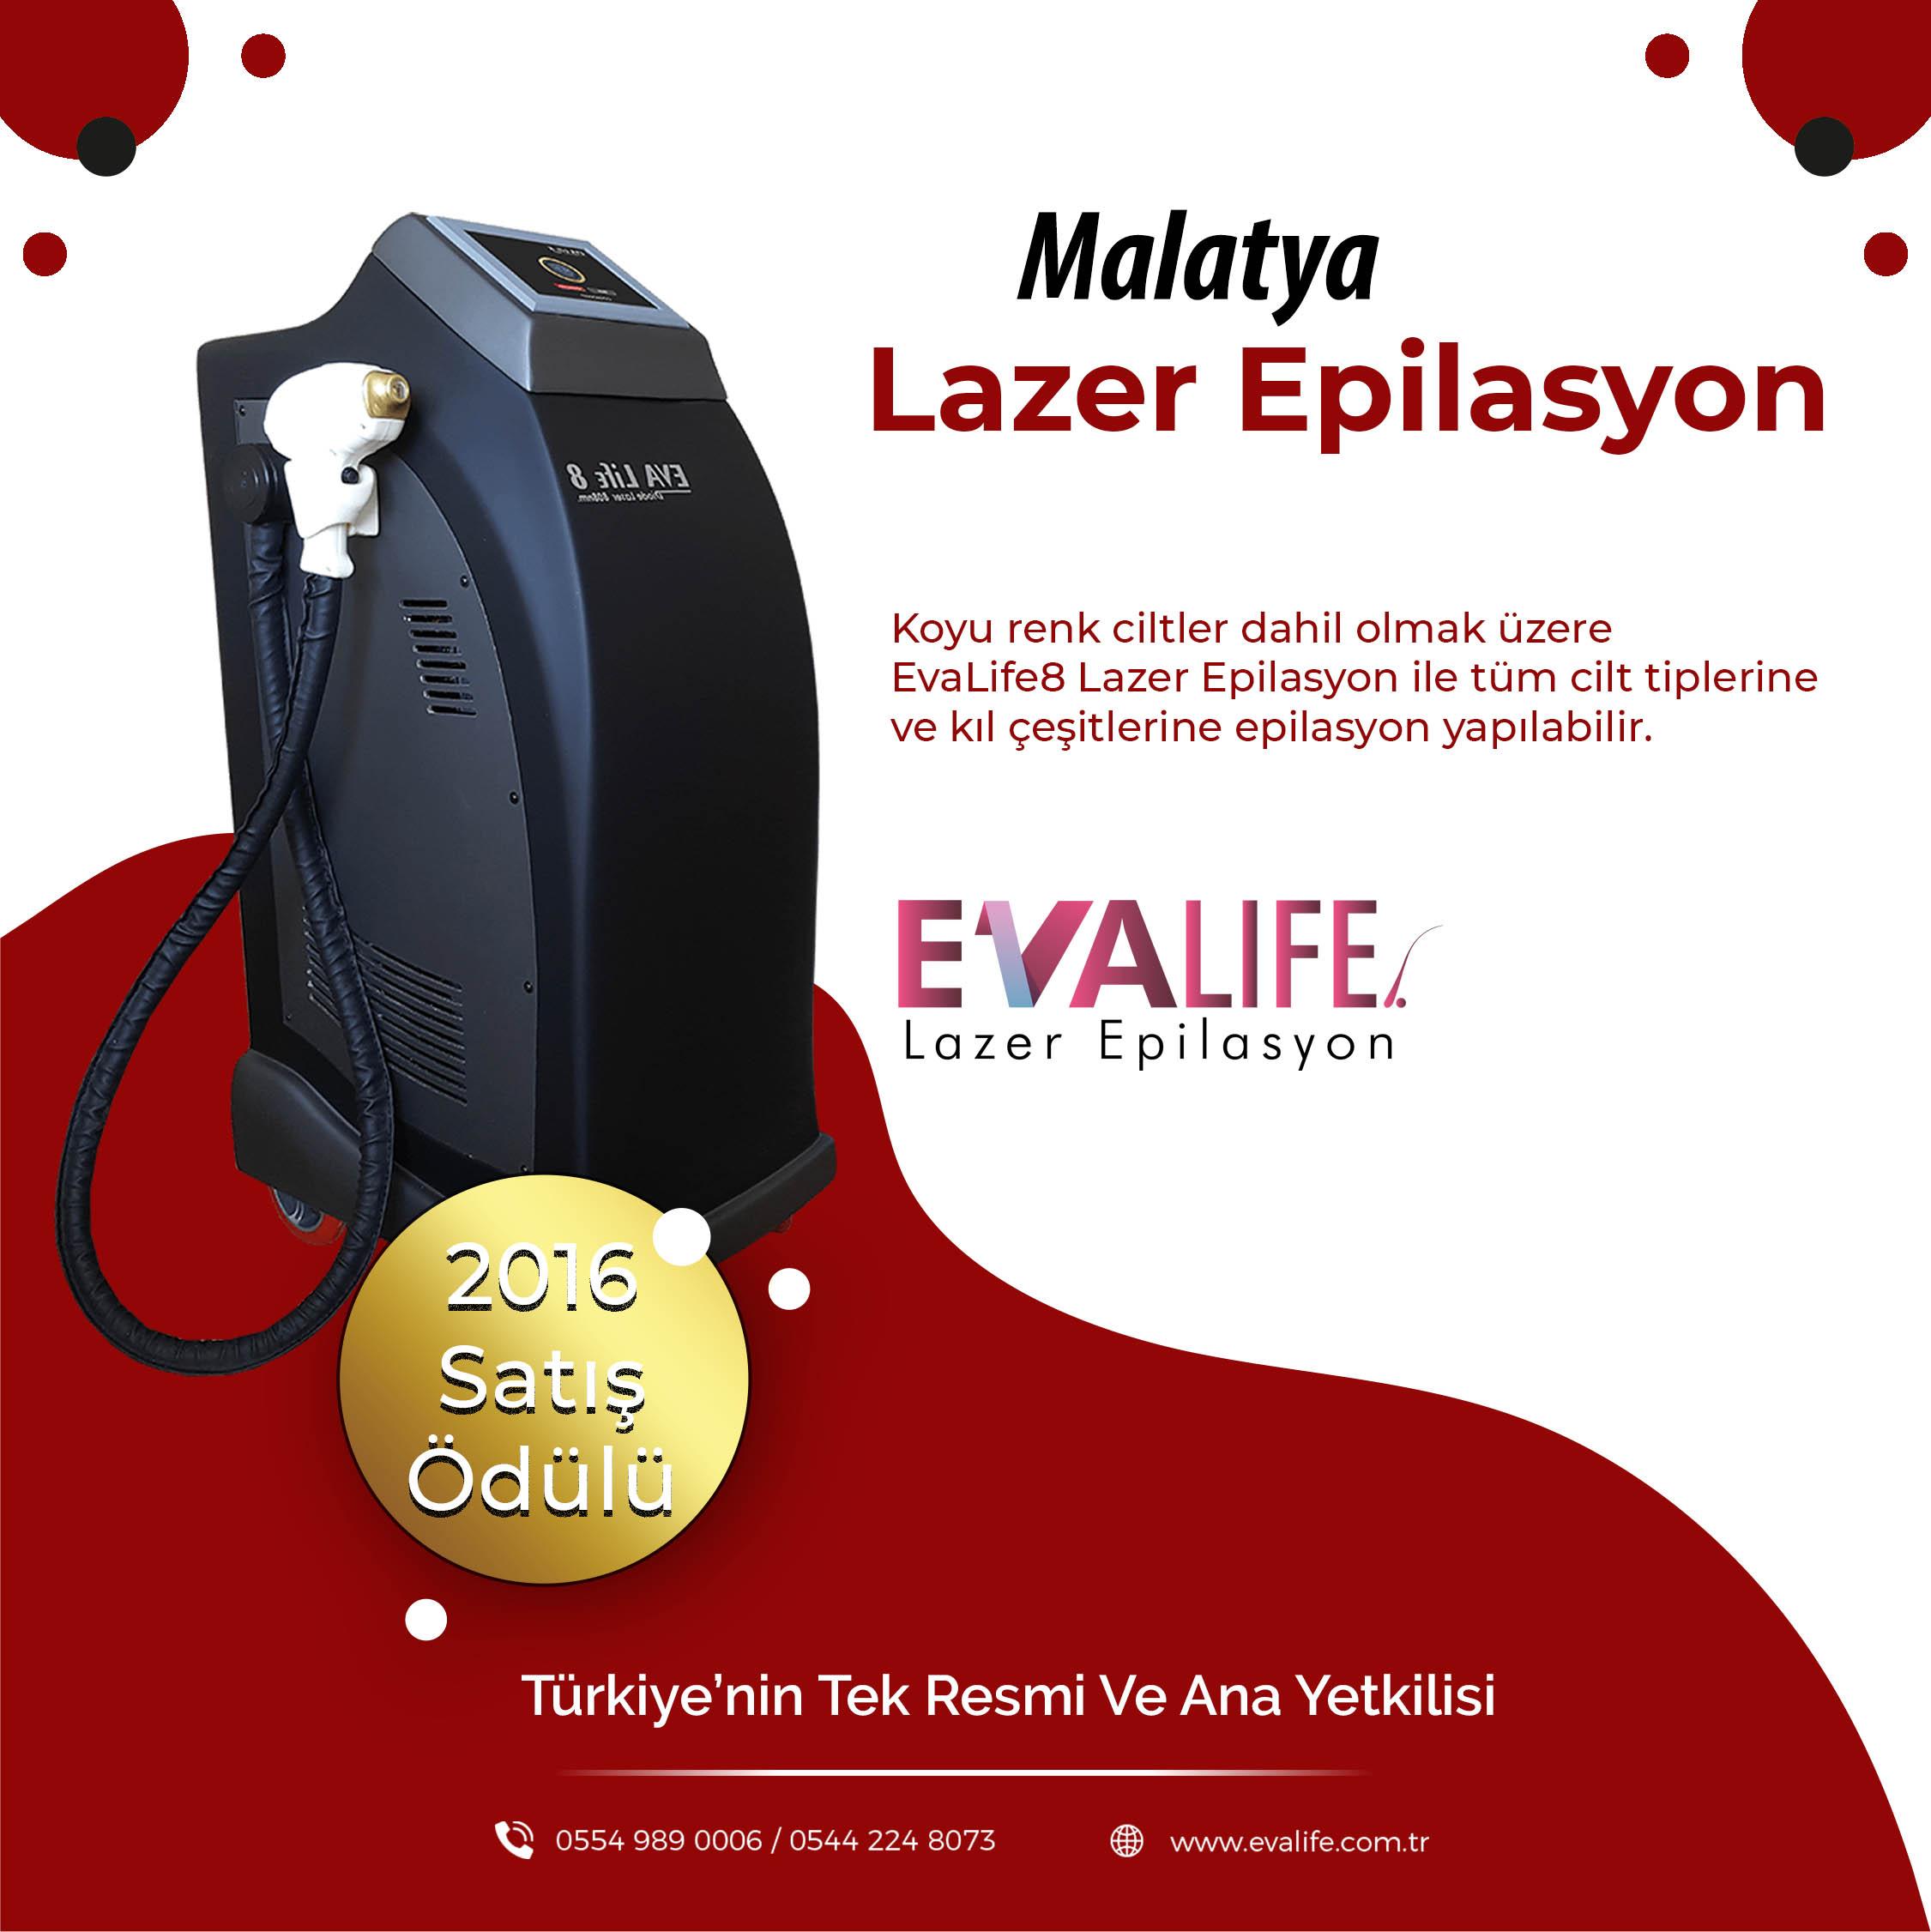 Malatya Lazer Epilasyon